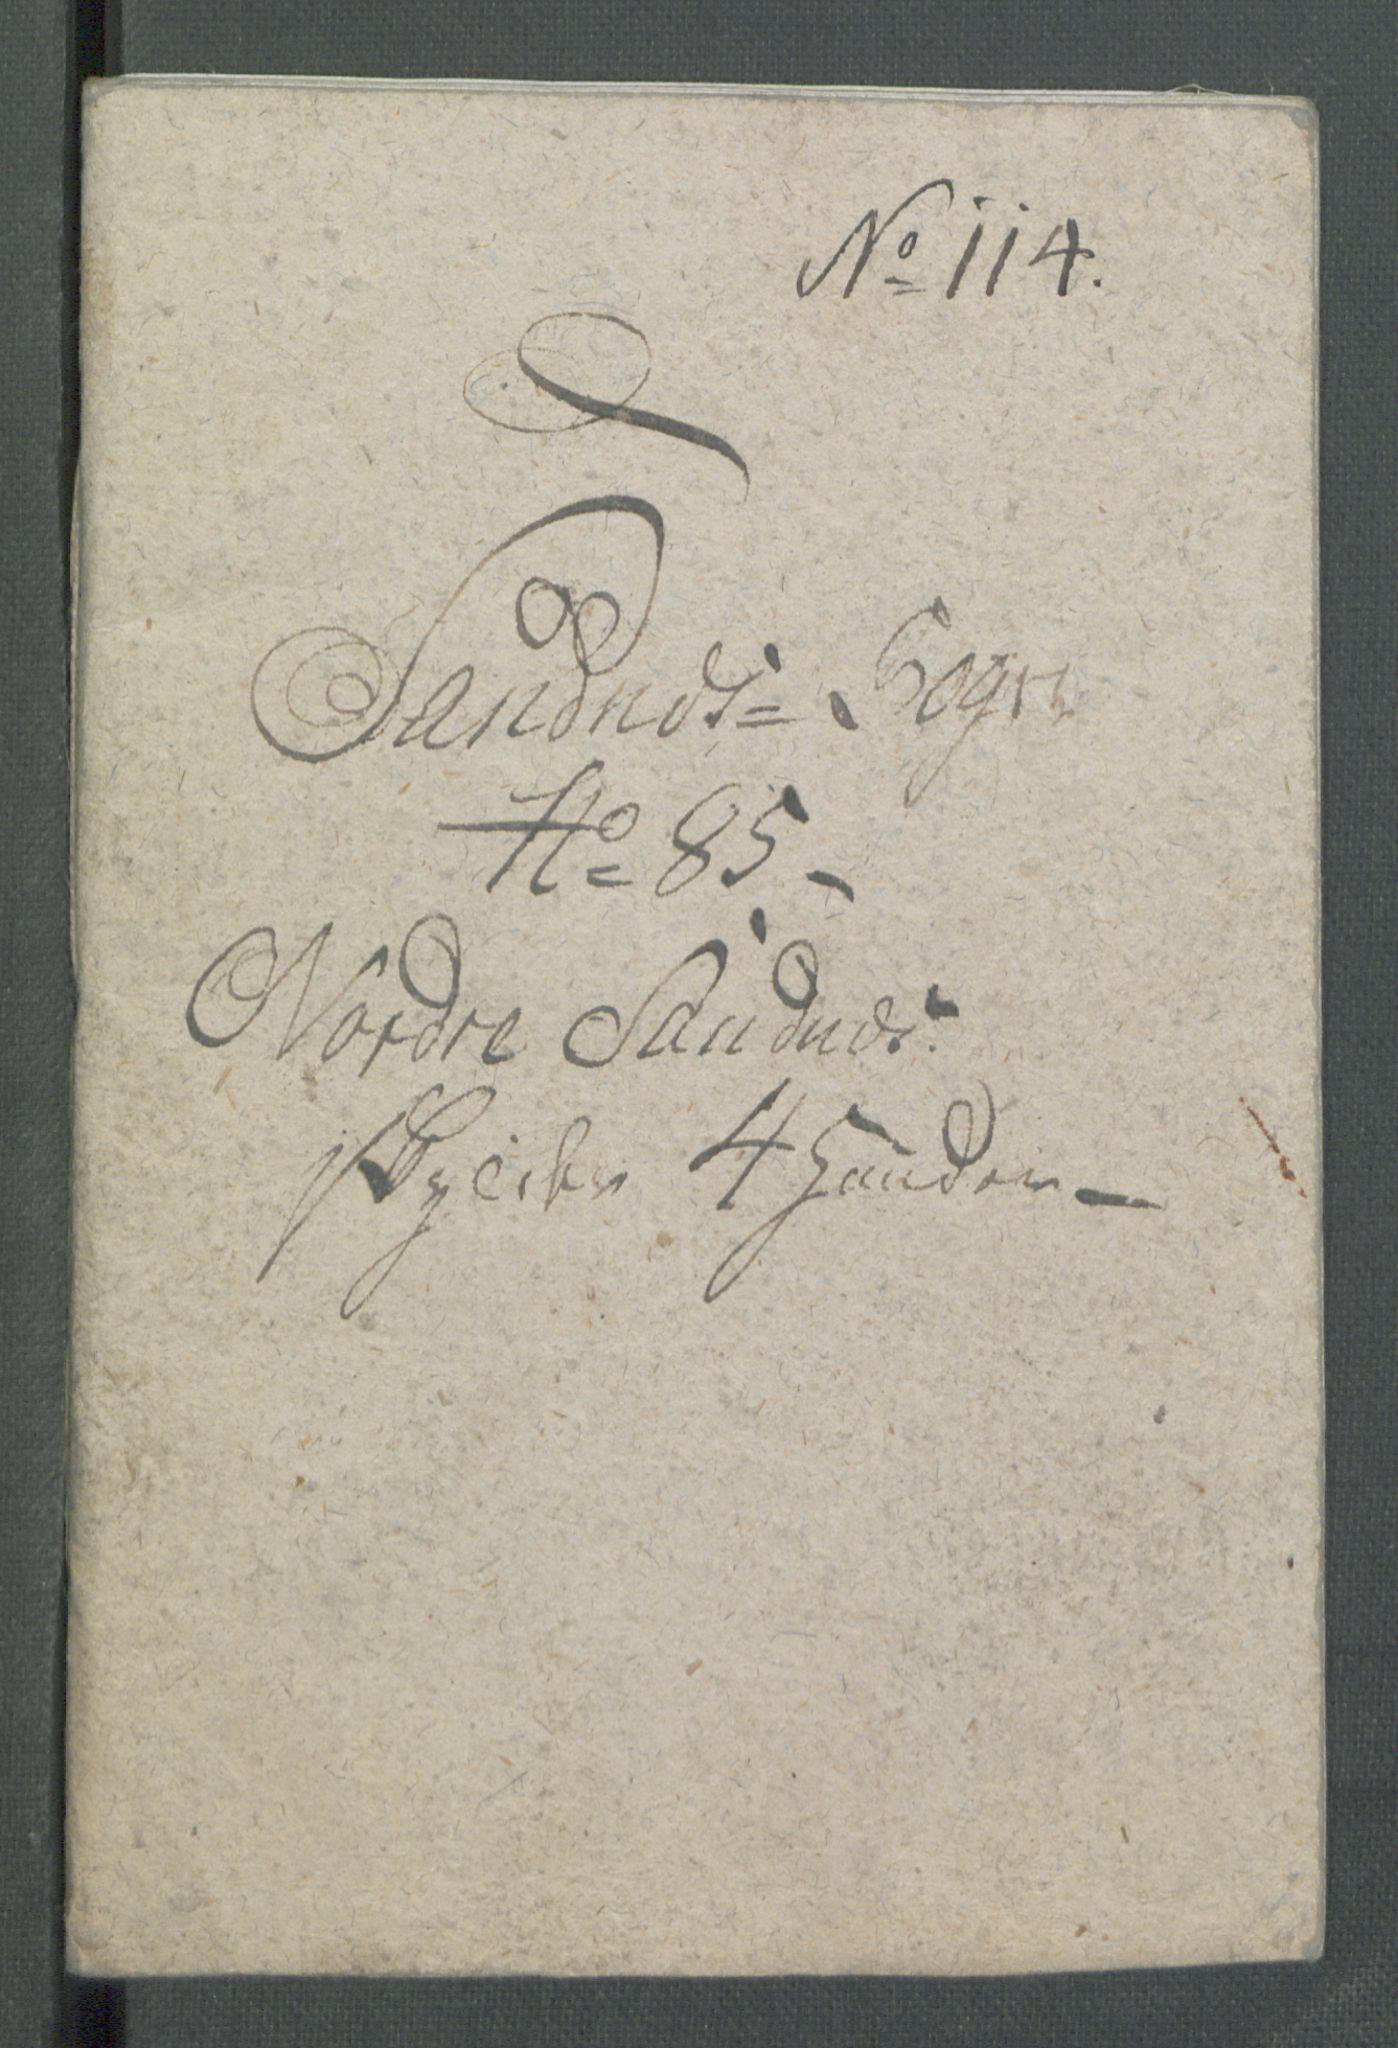 RA, Rentekammeret inntil 1814, Realistisk ordnet avdeling, Od/L0001: Oppløp, 1786-1769, s. 320